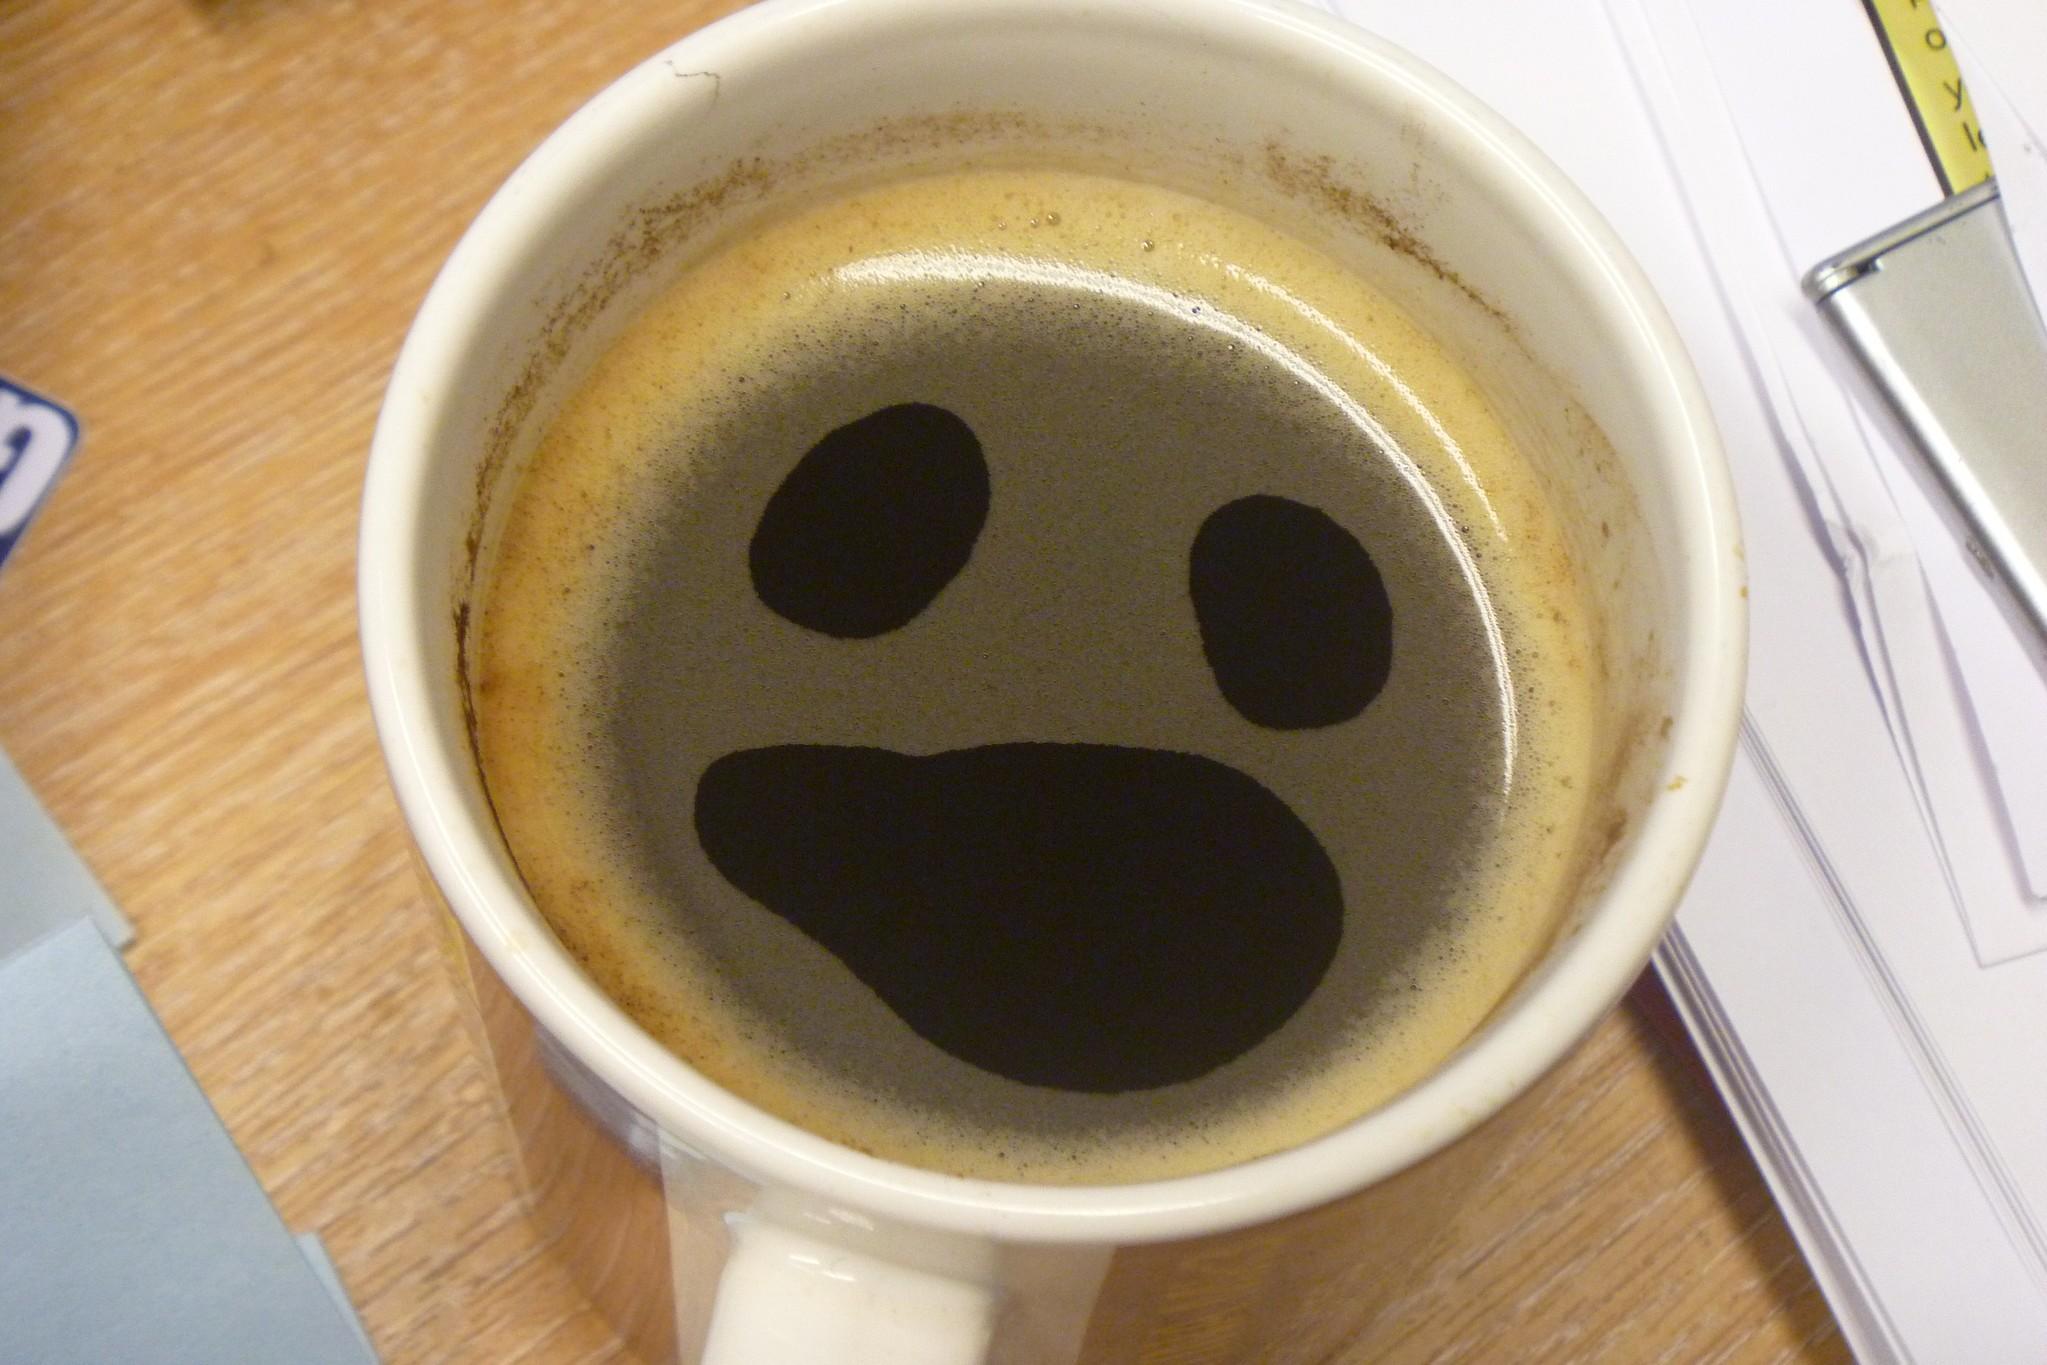 Café estimula os movimentos do intestino, aumentando a vontade de fazer cocô (Foto: Flickr/Pete/Creative Commons)